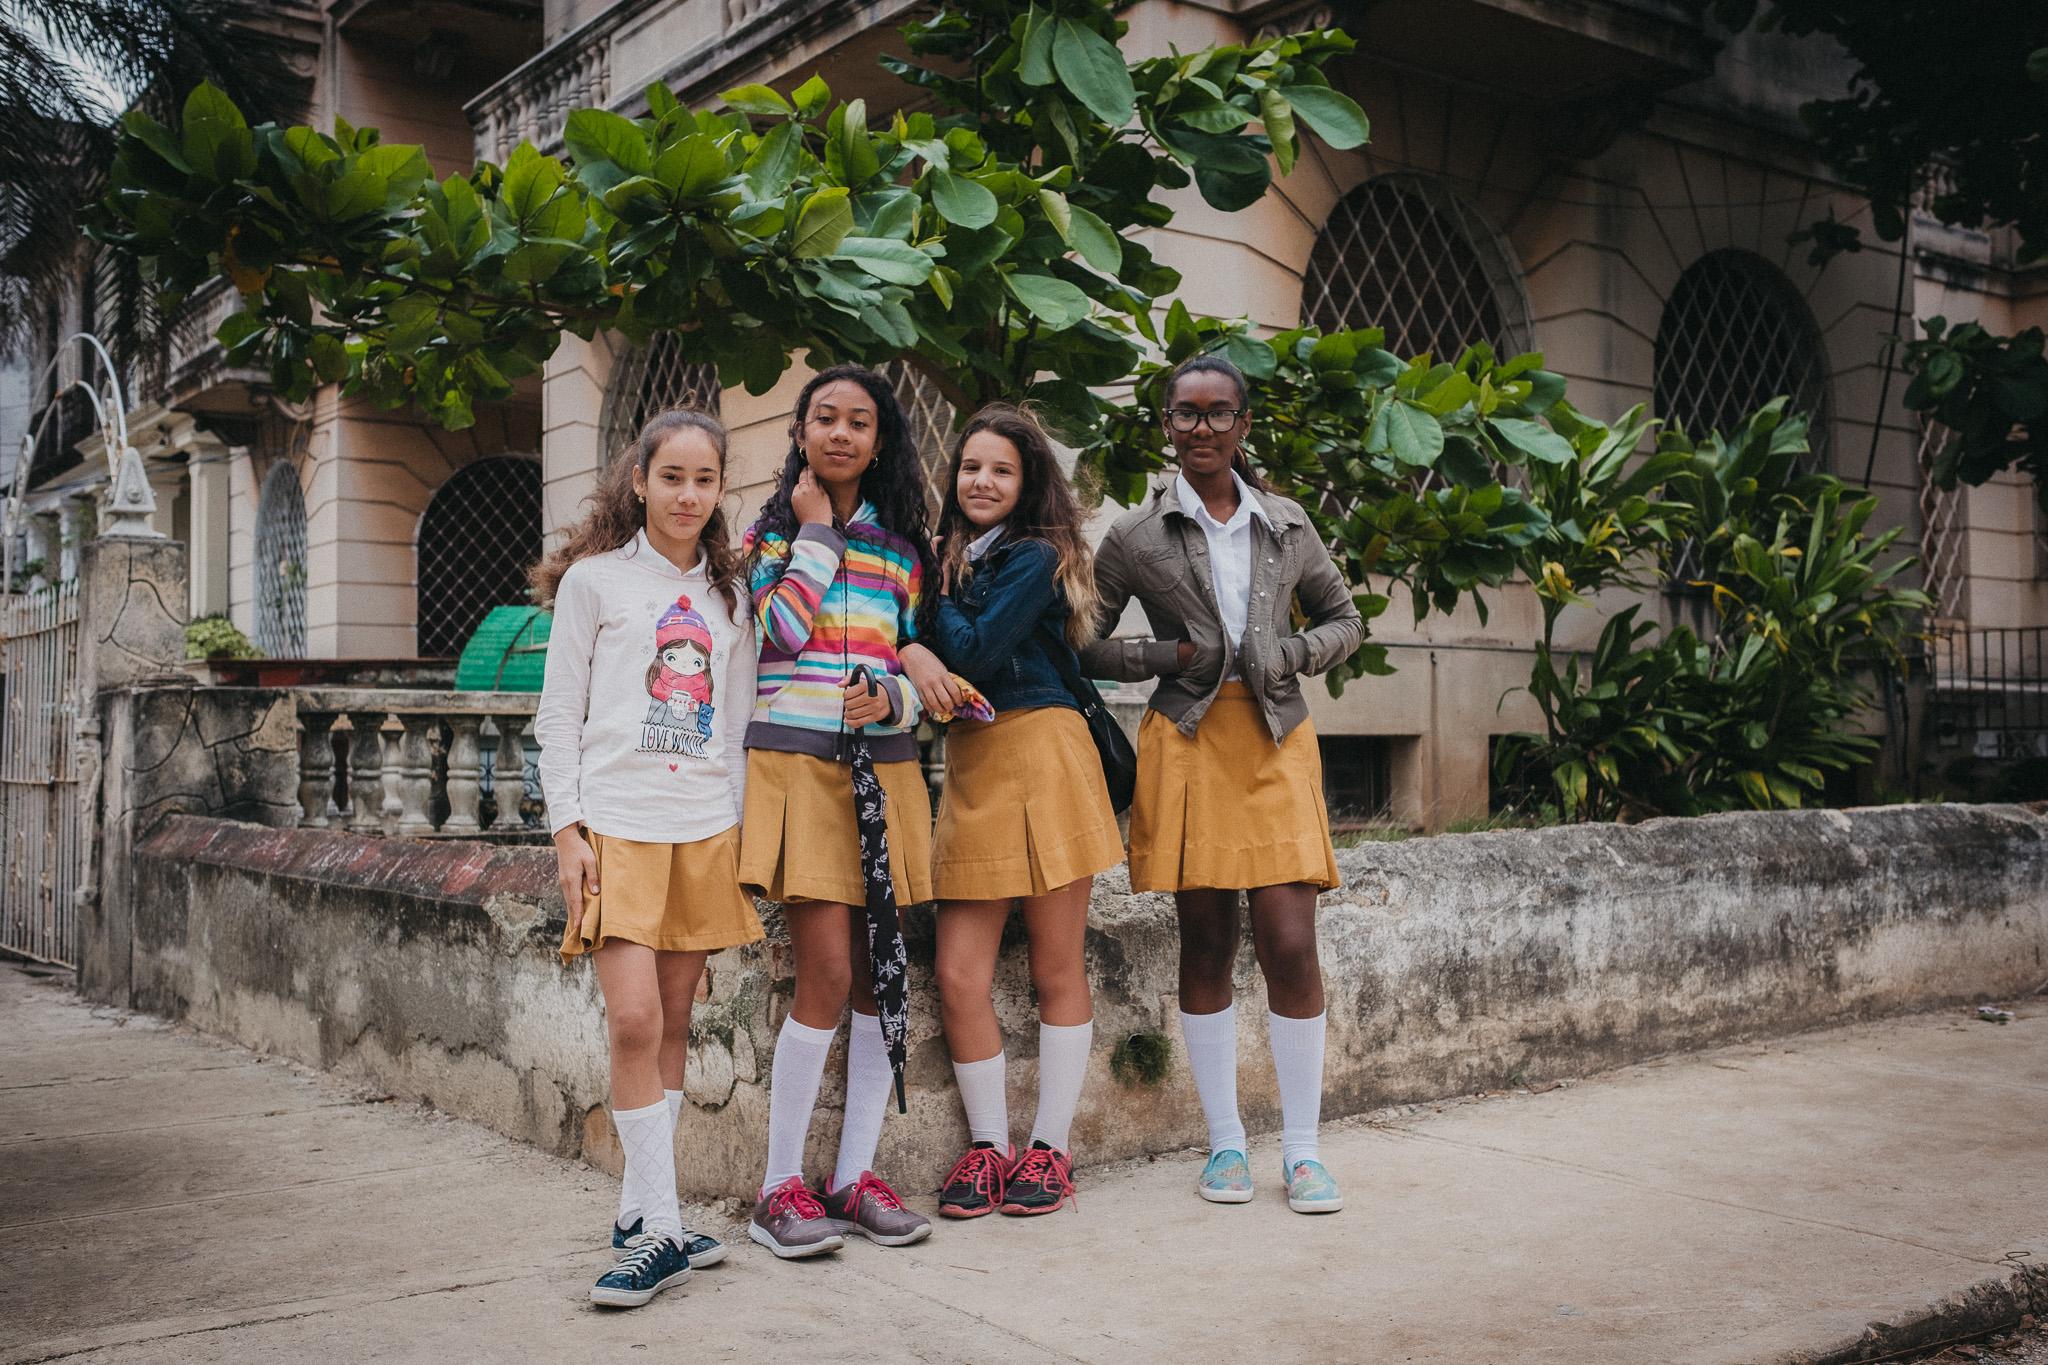 Cuba-2017-12-Havana-0197.jpg